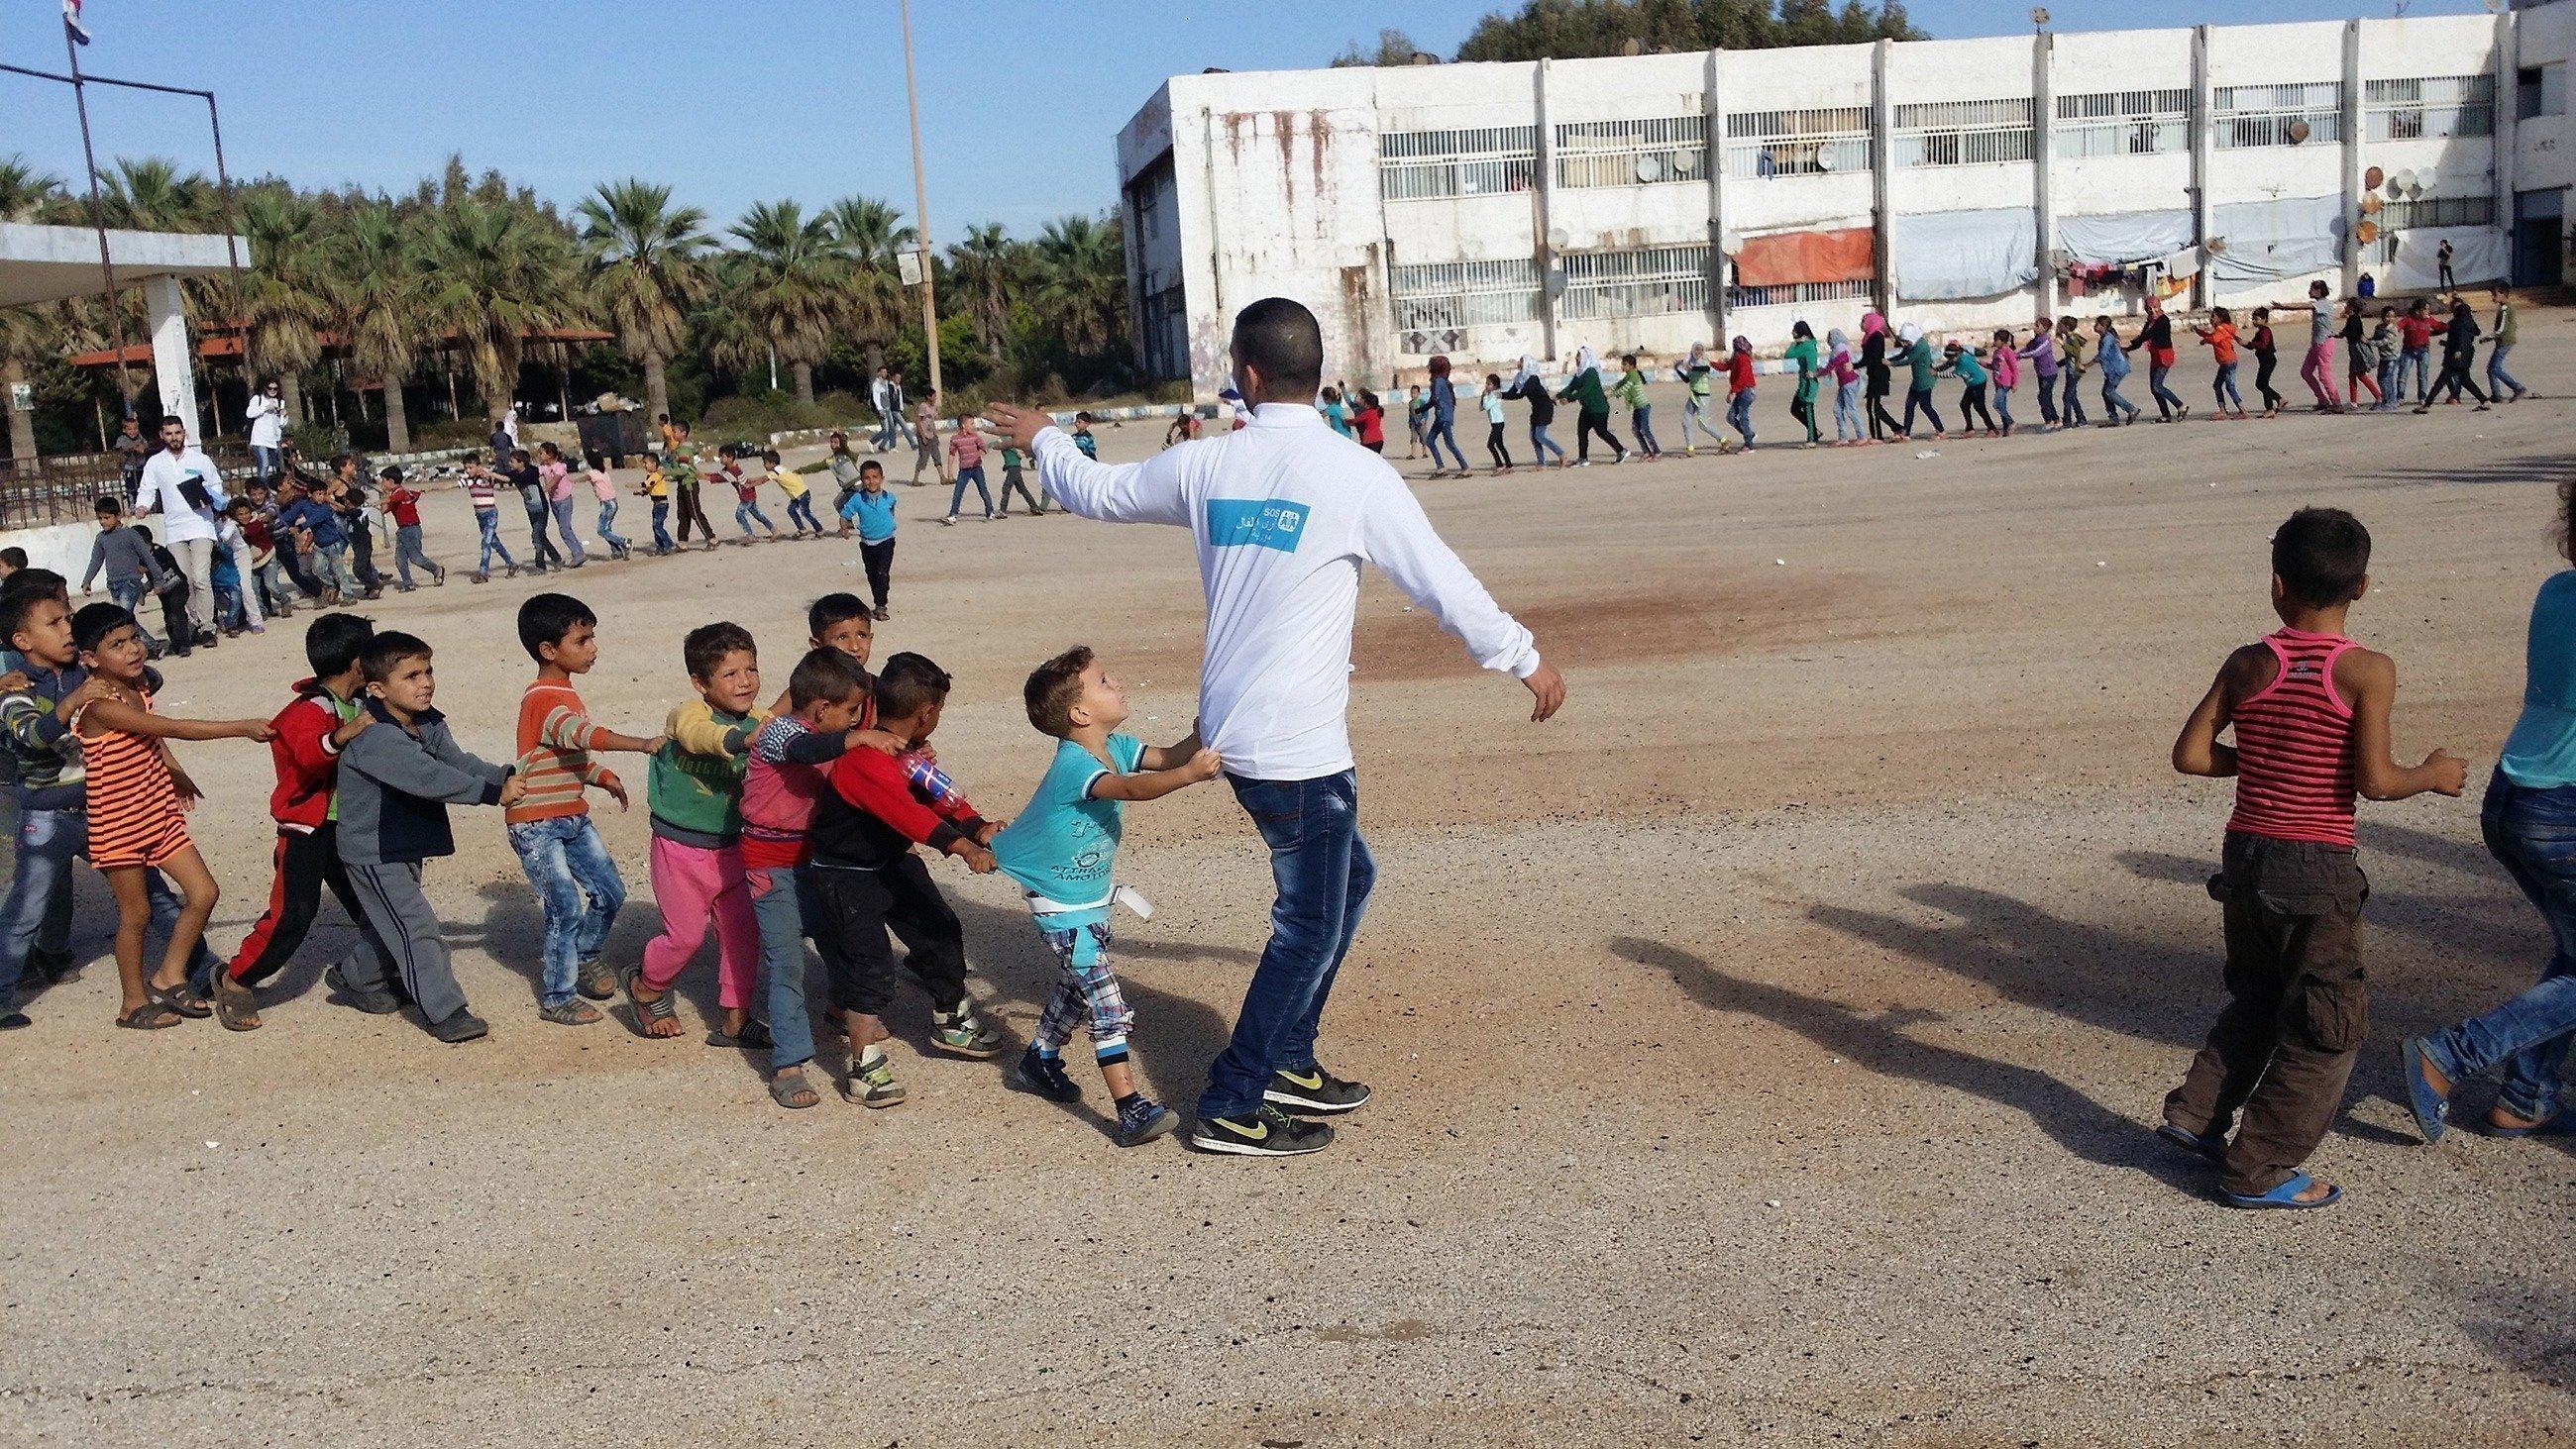 Divertimento all'aperto in SOS Villaggio dei Bambini